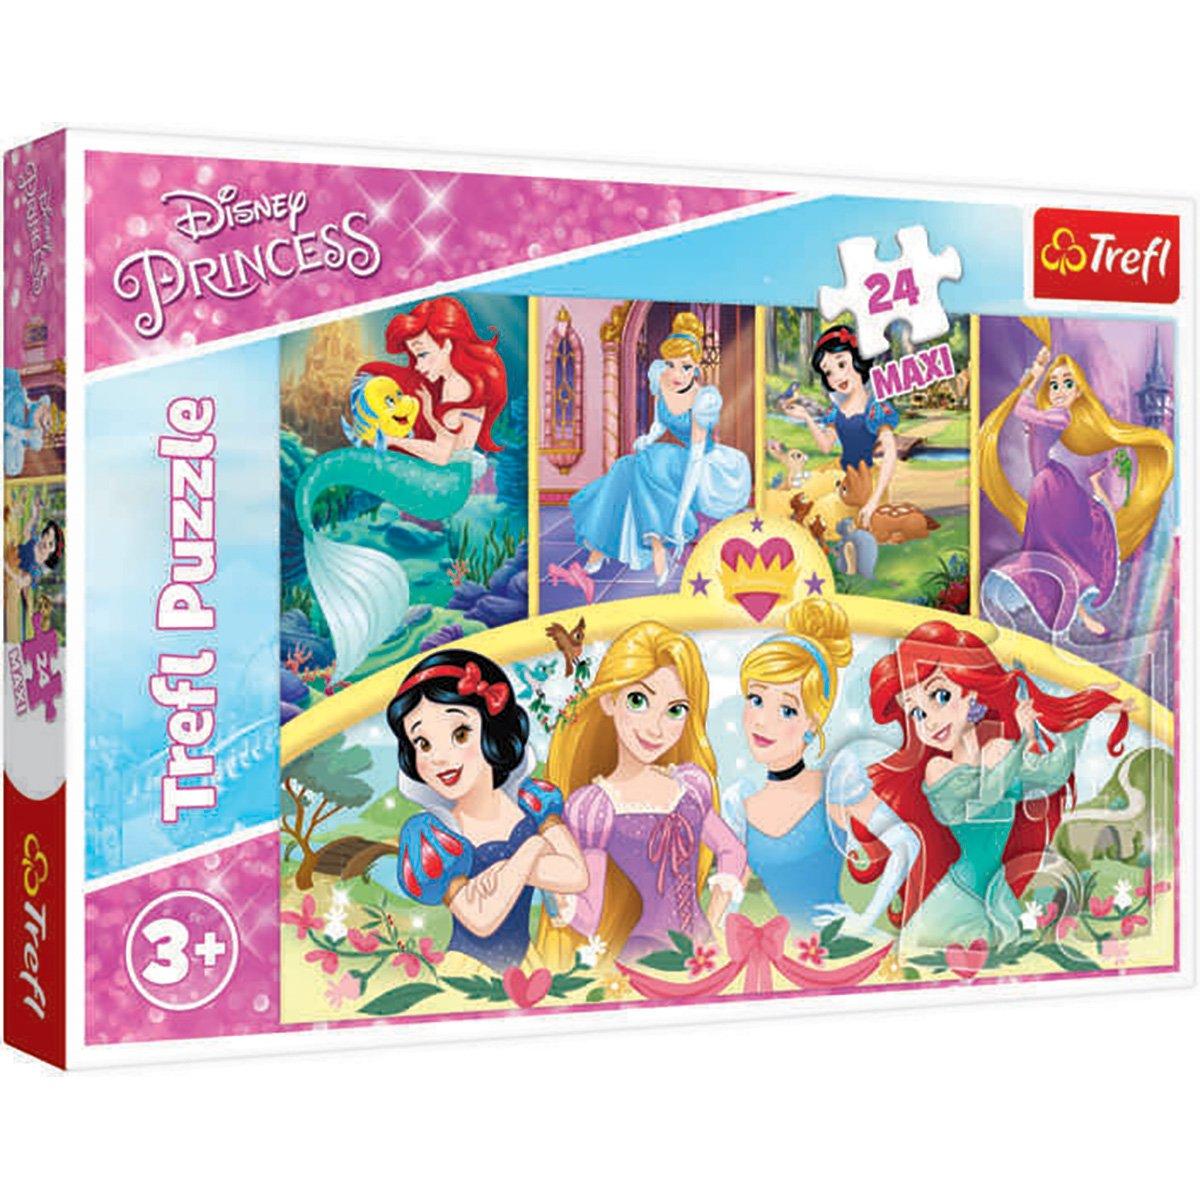 Puzzle Maxi Trefl, Disney Princess, Magia amintirilor, 24 piese